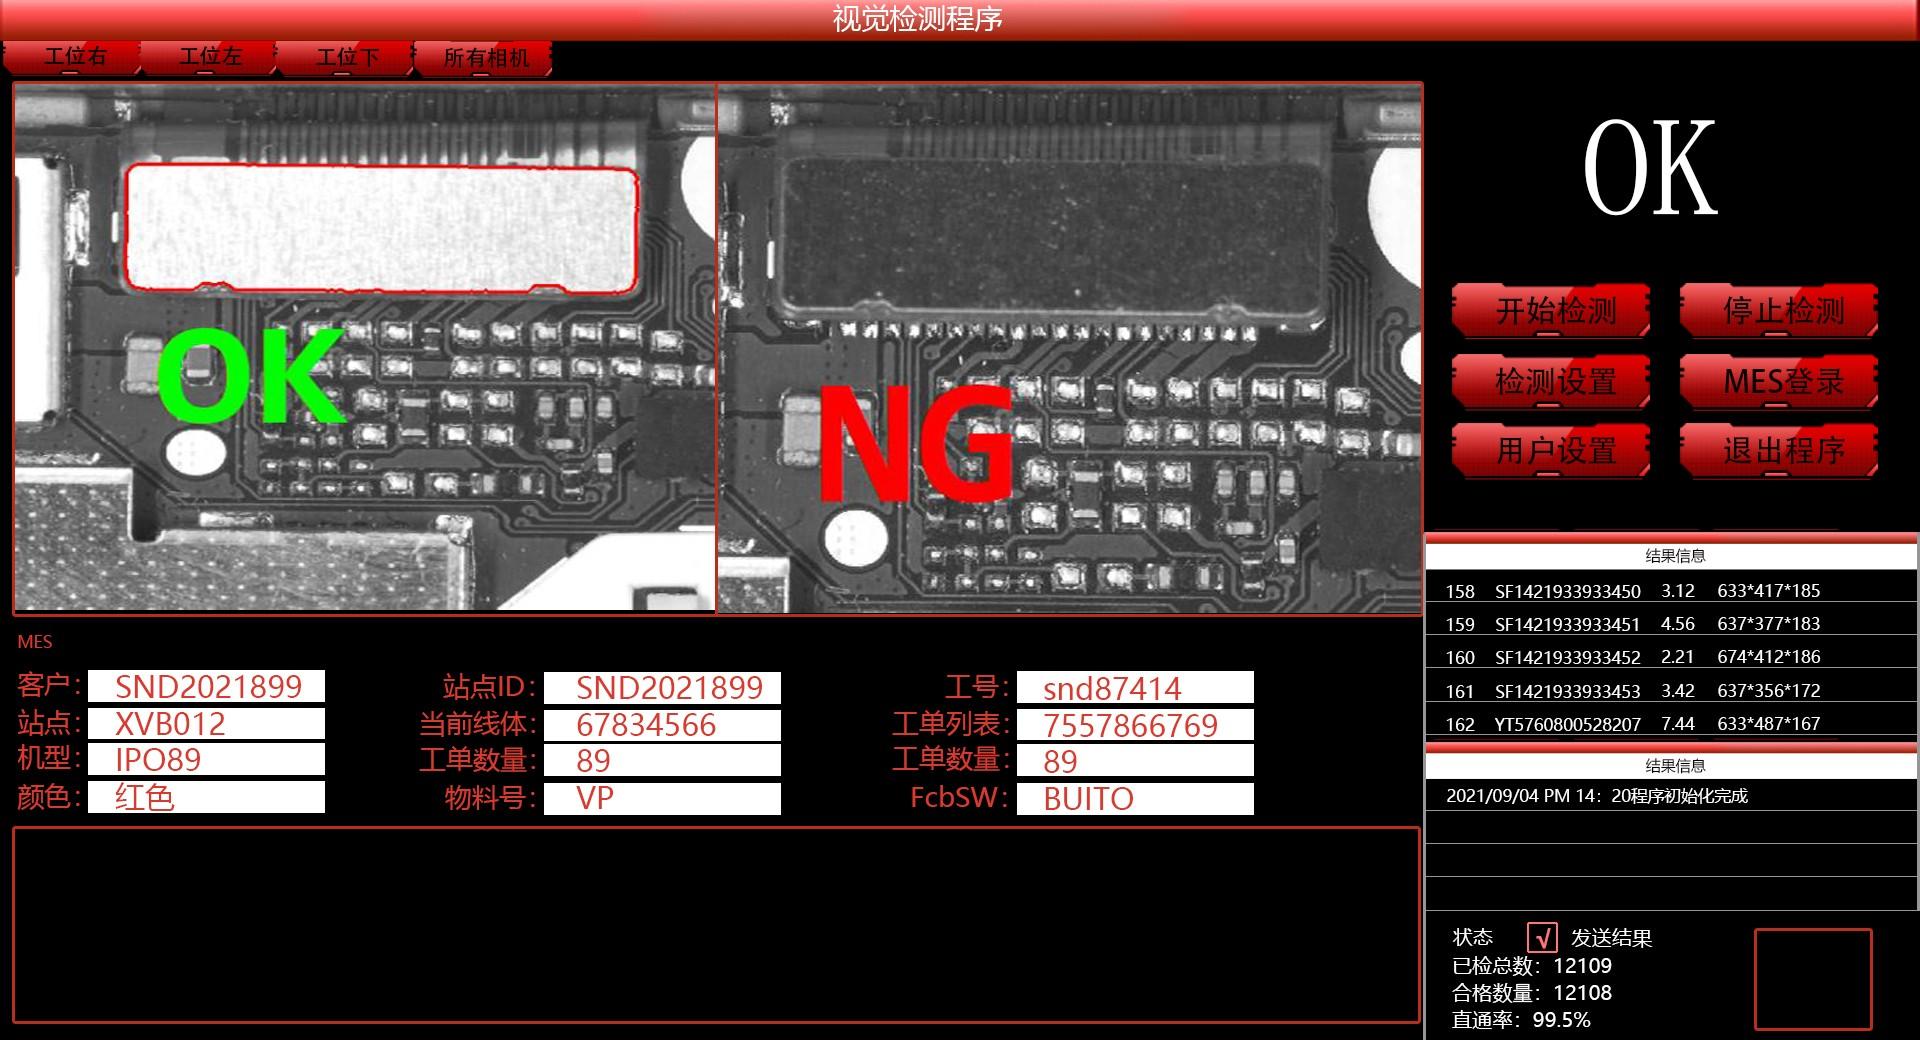 3C视觉检测软件效果图